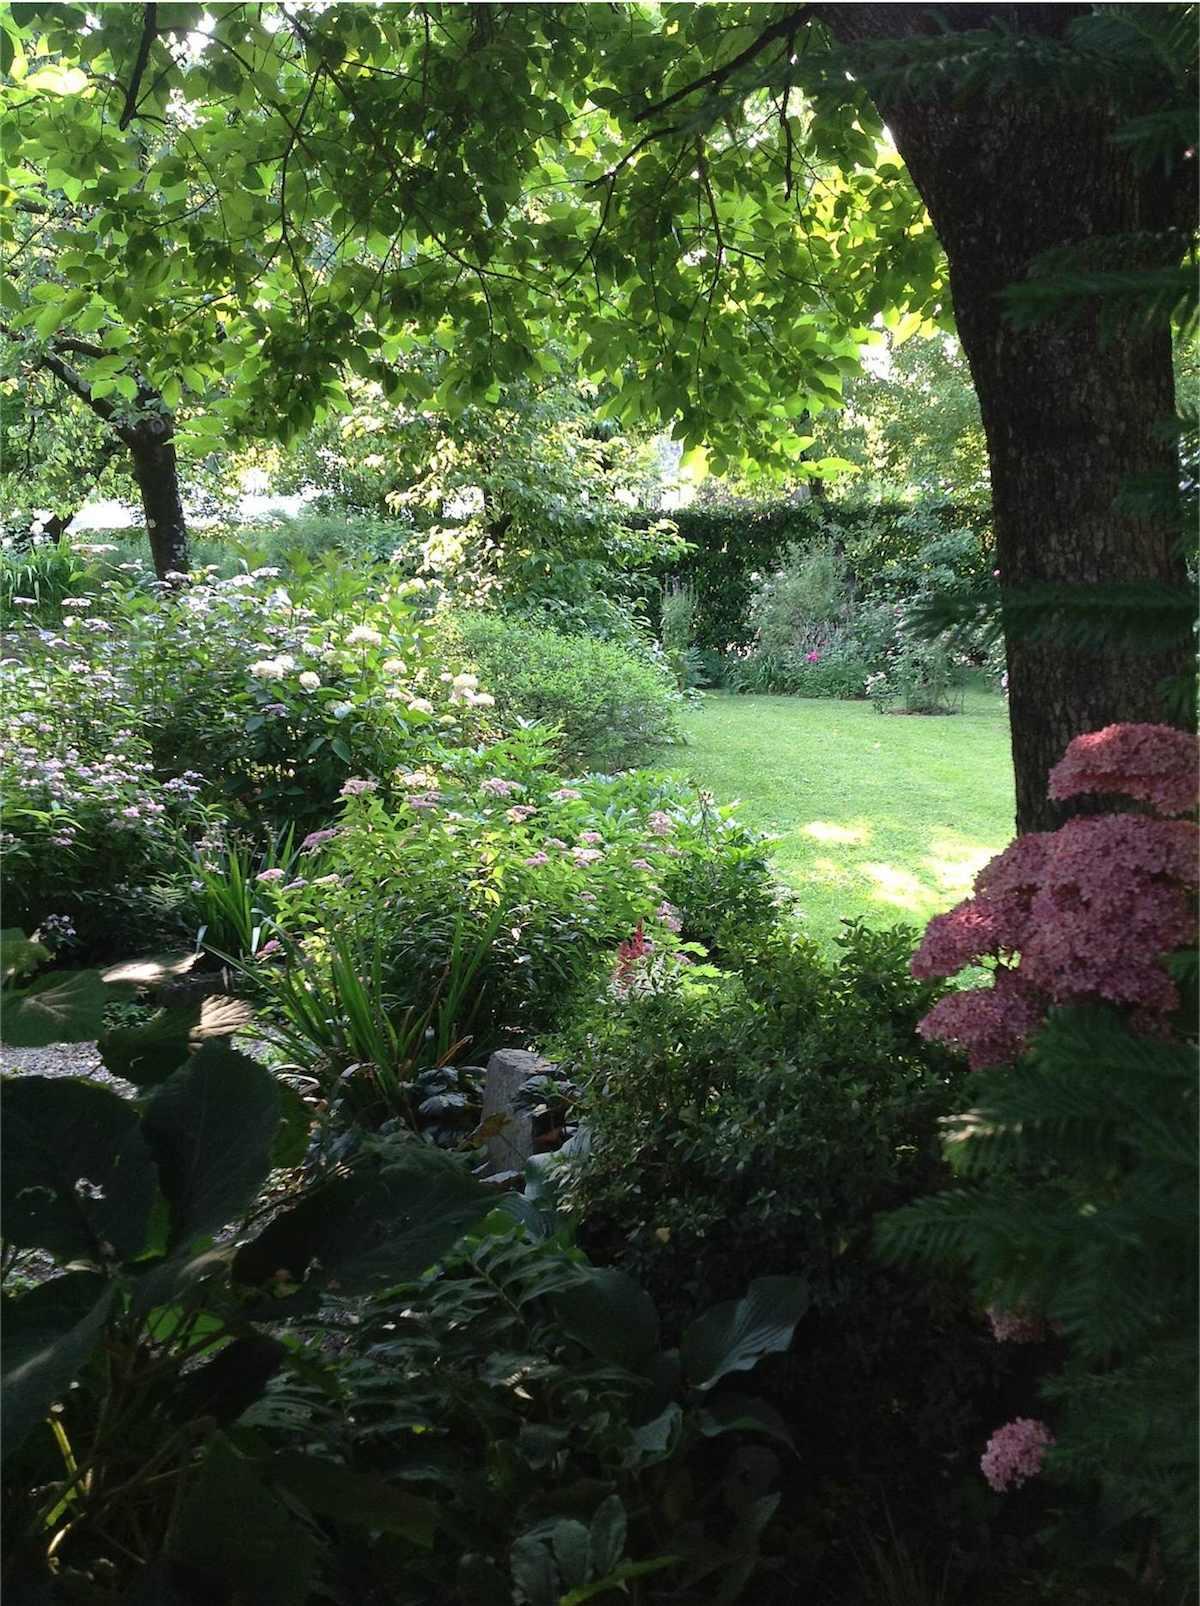 Il curriculum verde di paolo amici in giardino - Il giardino di ausonia ...